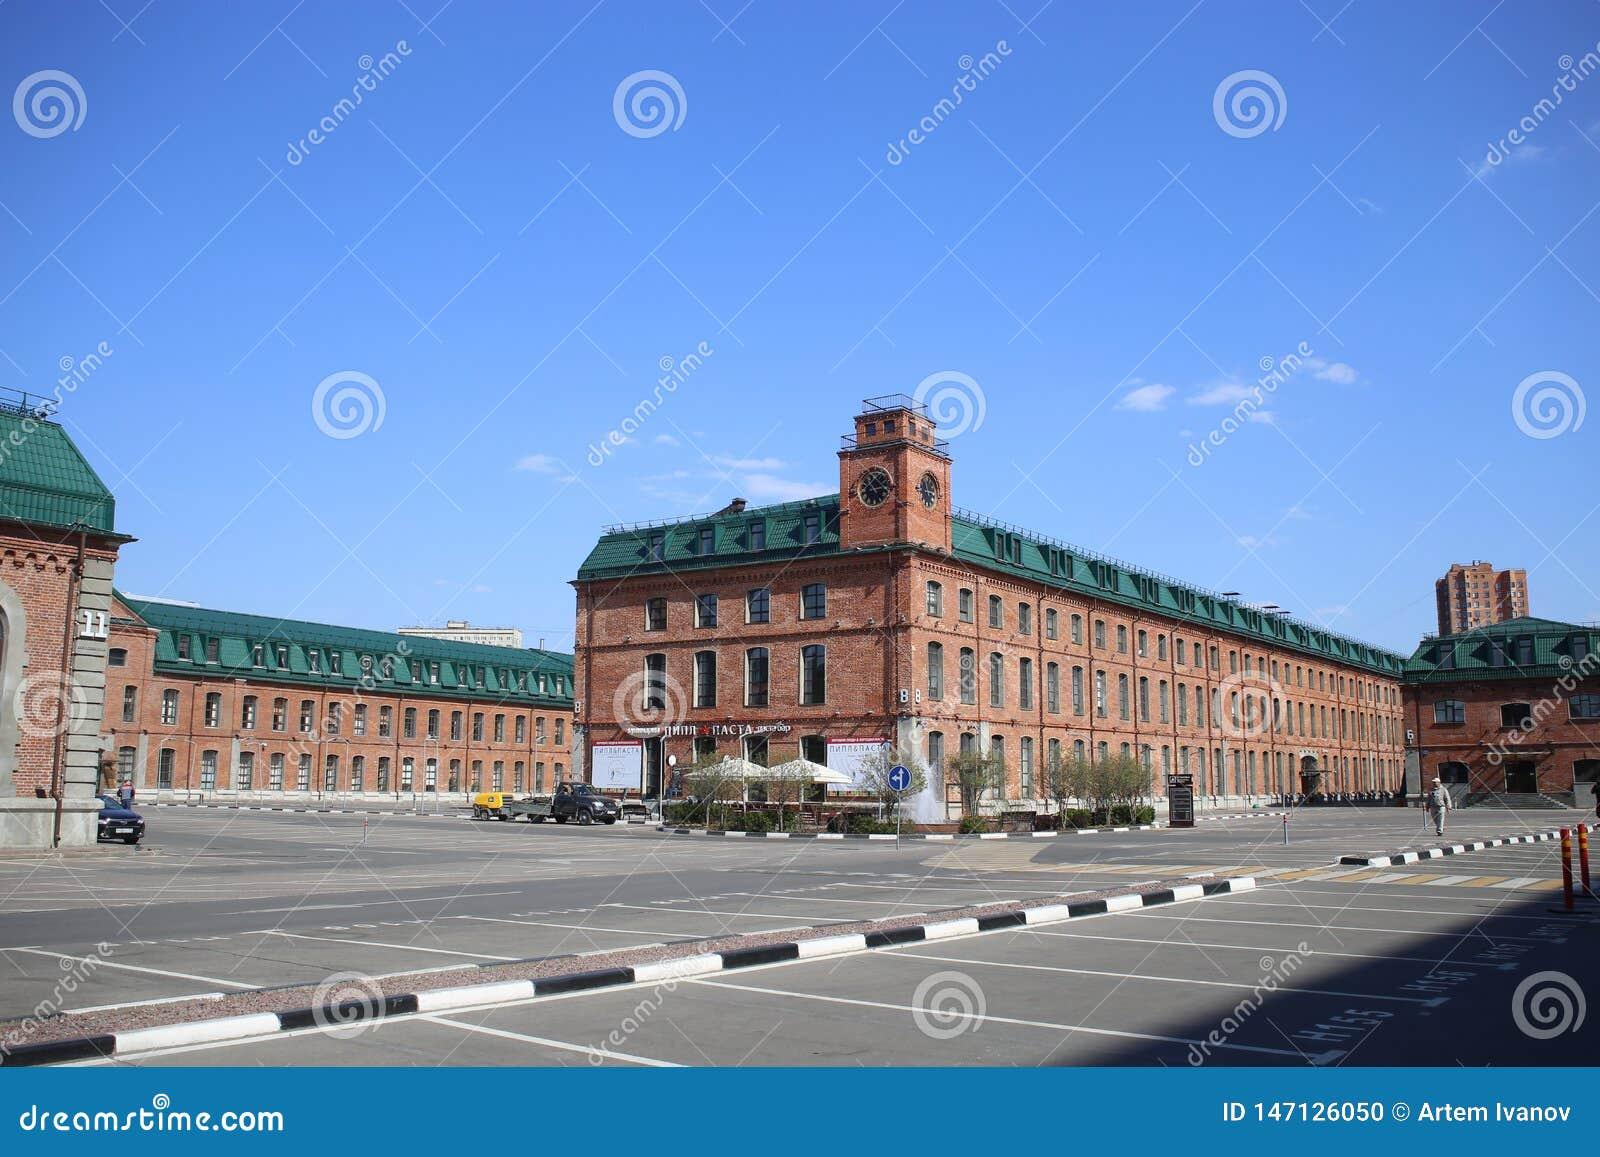 Het bedrijfsdiekwart Novospassky, in de vernieuwde gebouwen van de vroegere fabriek wordt gevestigd